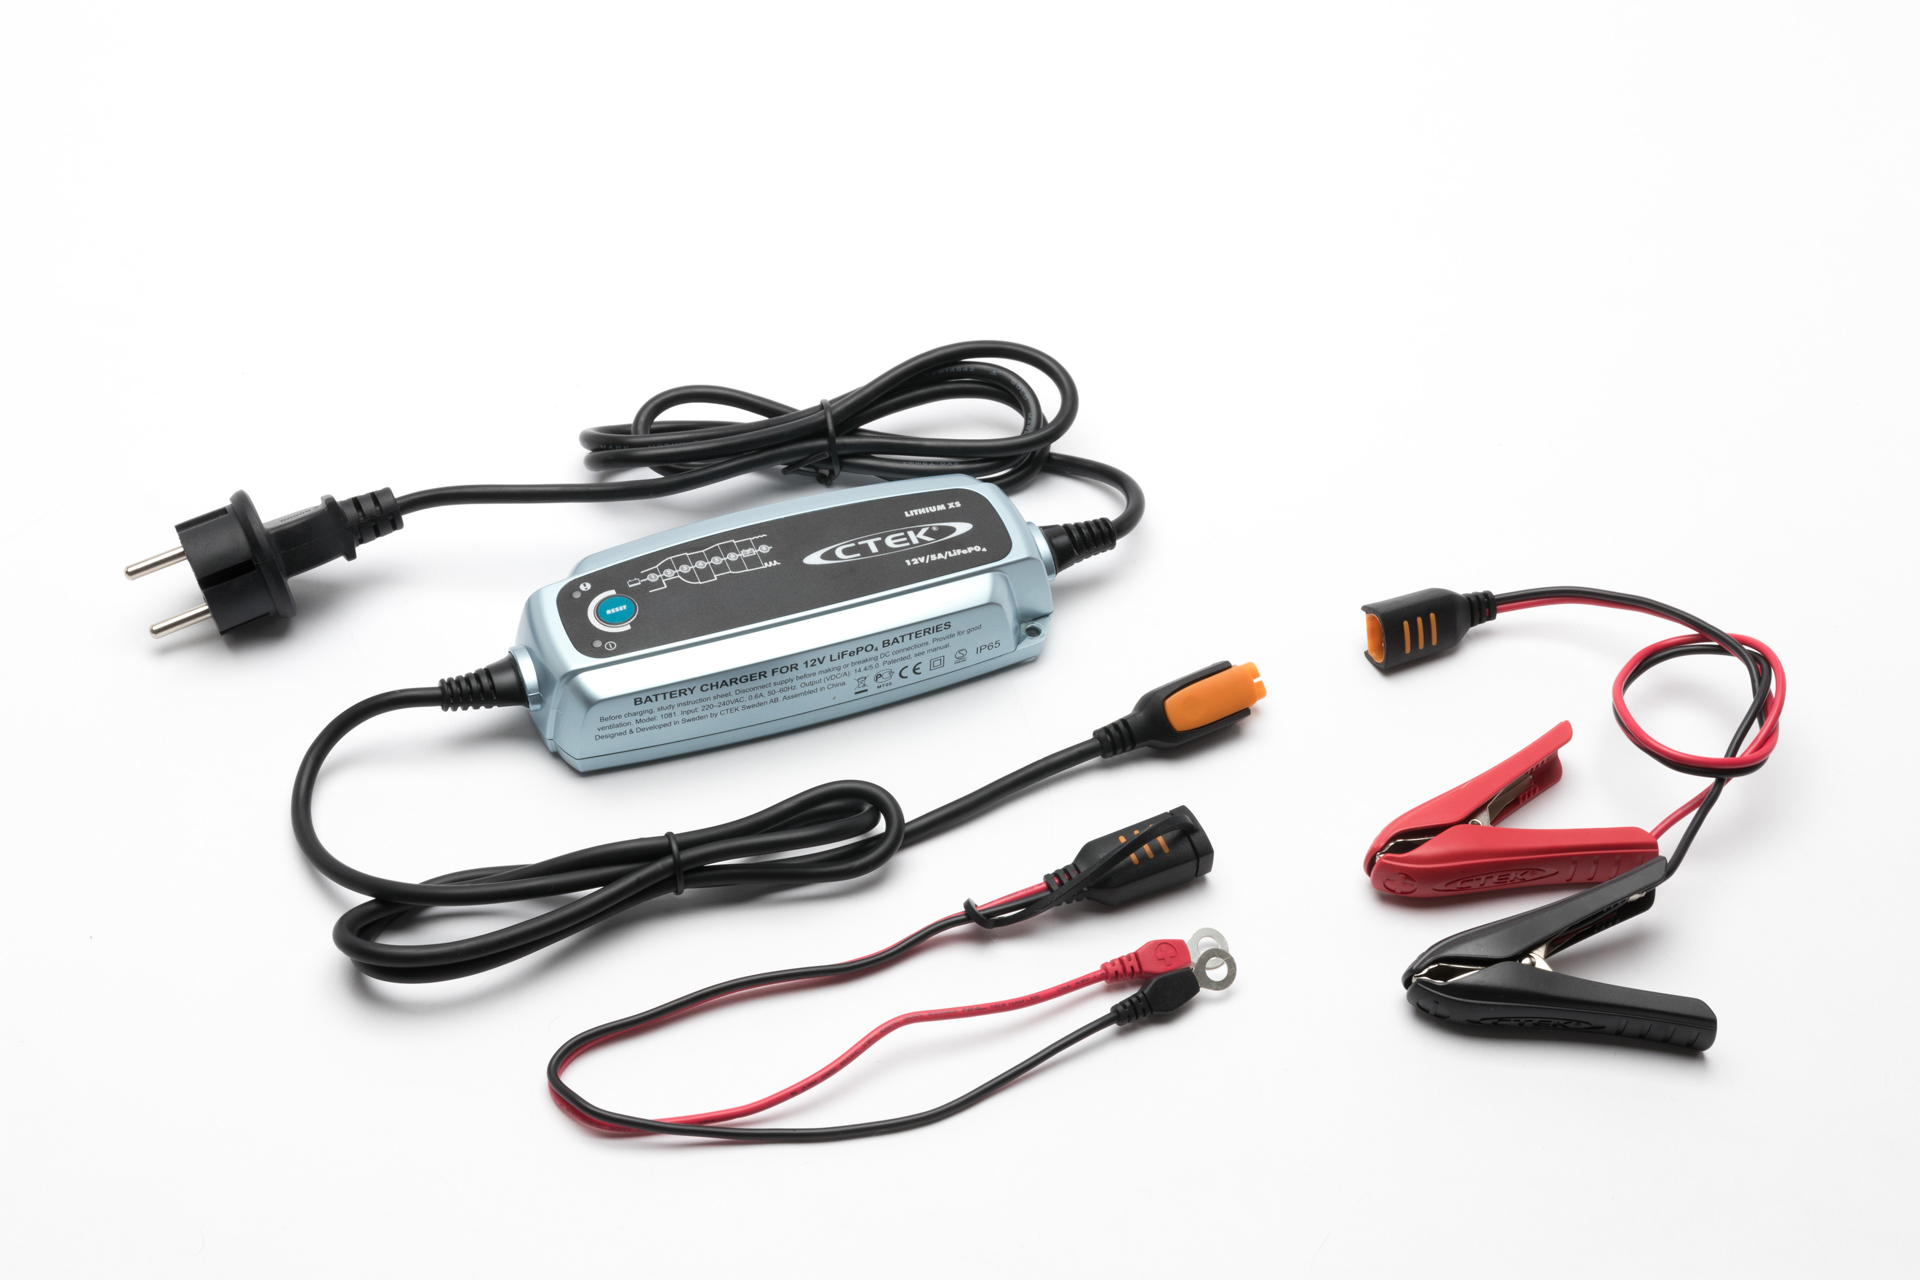 LITHIUM XS Зарядное устройство для литиевых аккумуляторных батарей